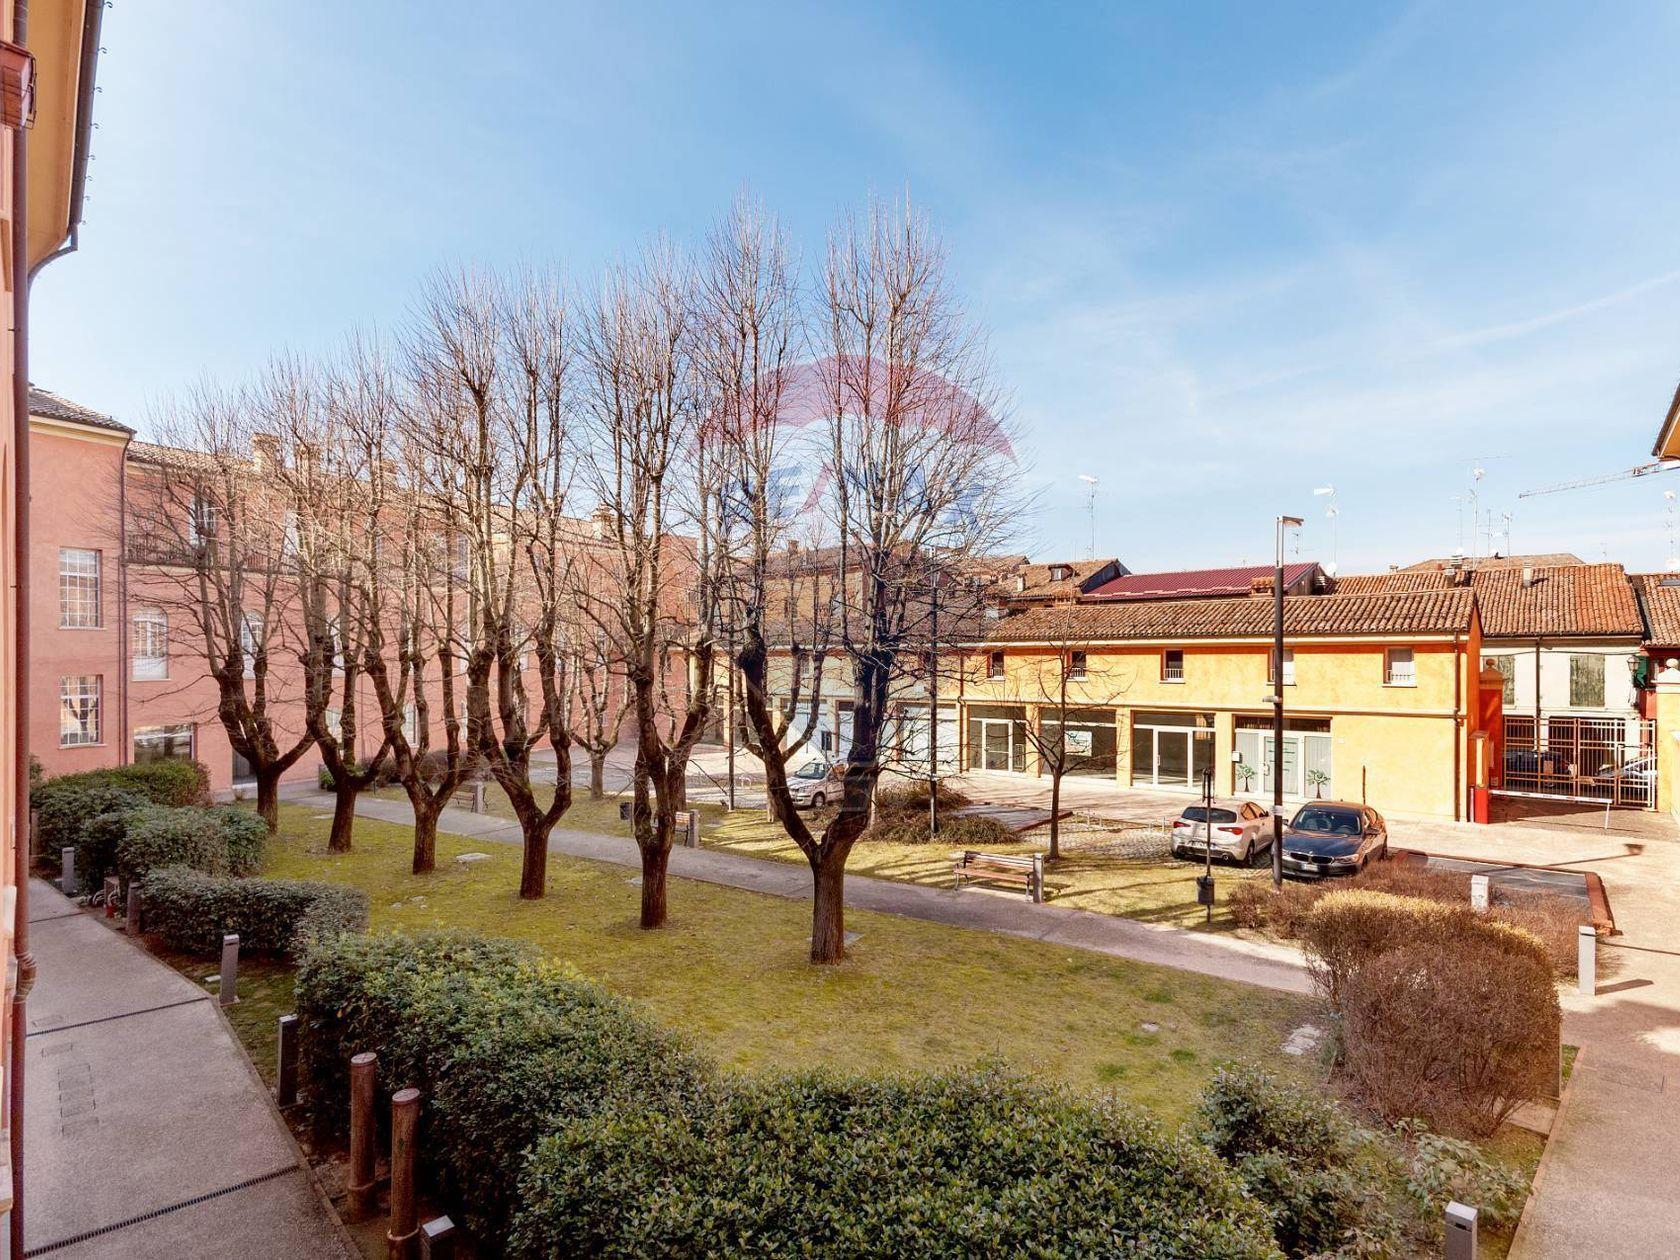 Appartamento Zona Centro Storico, San Giovanni in Persiceto, BO Vendita - Foto 7